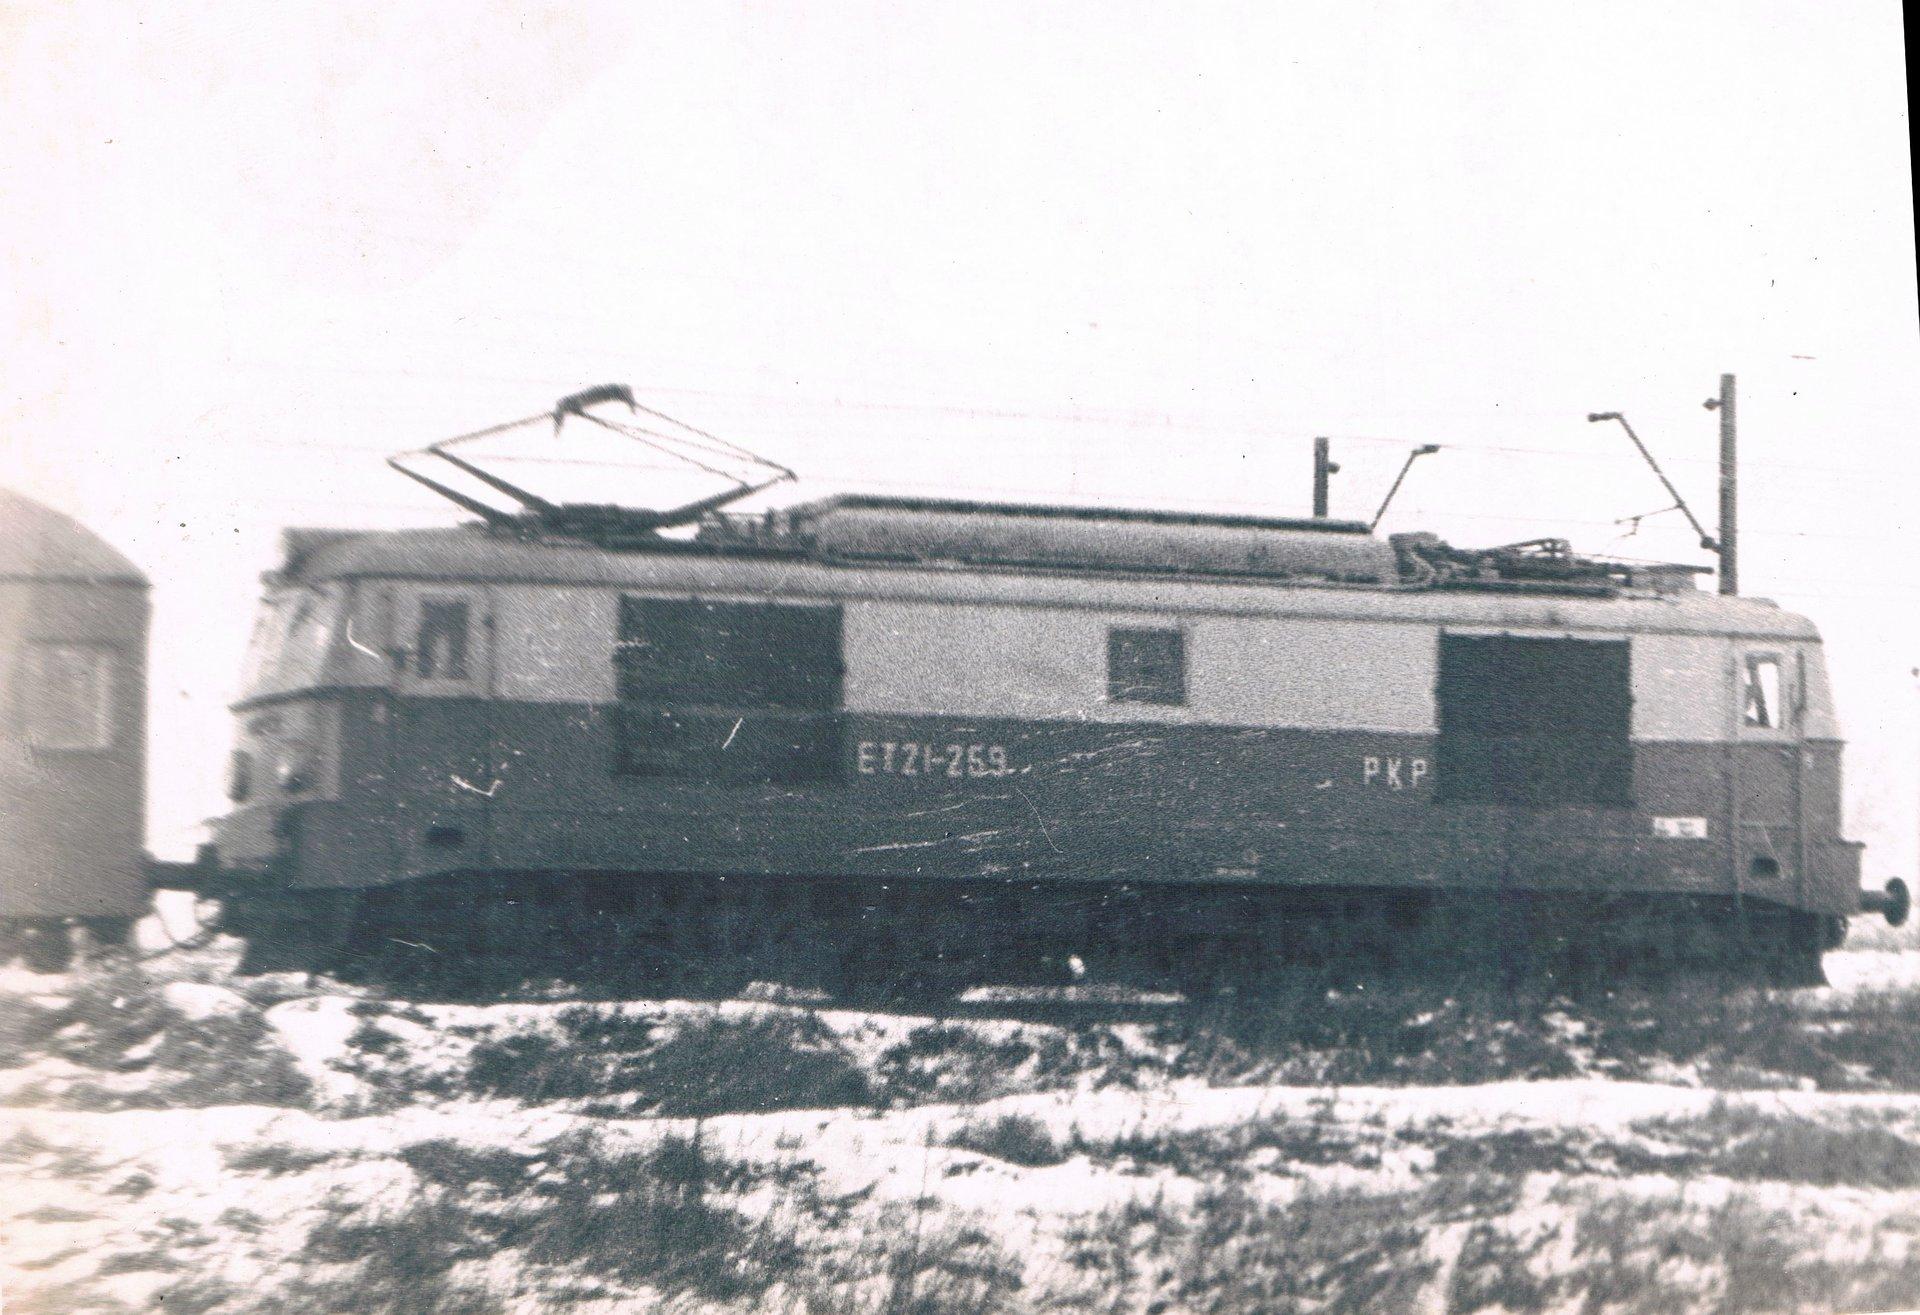 ET21-259.jpg